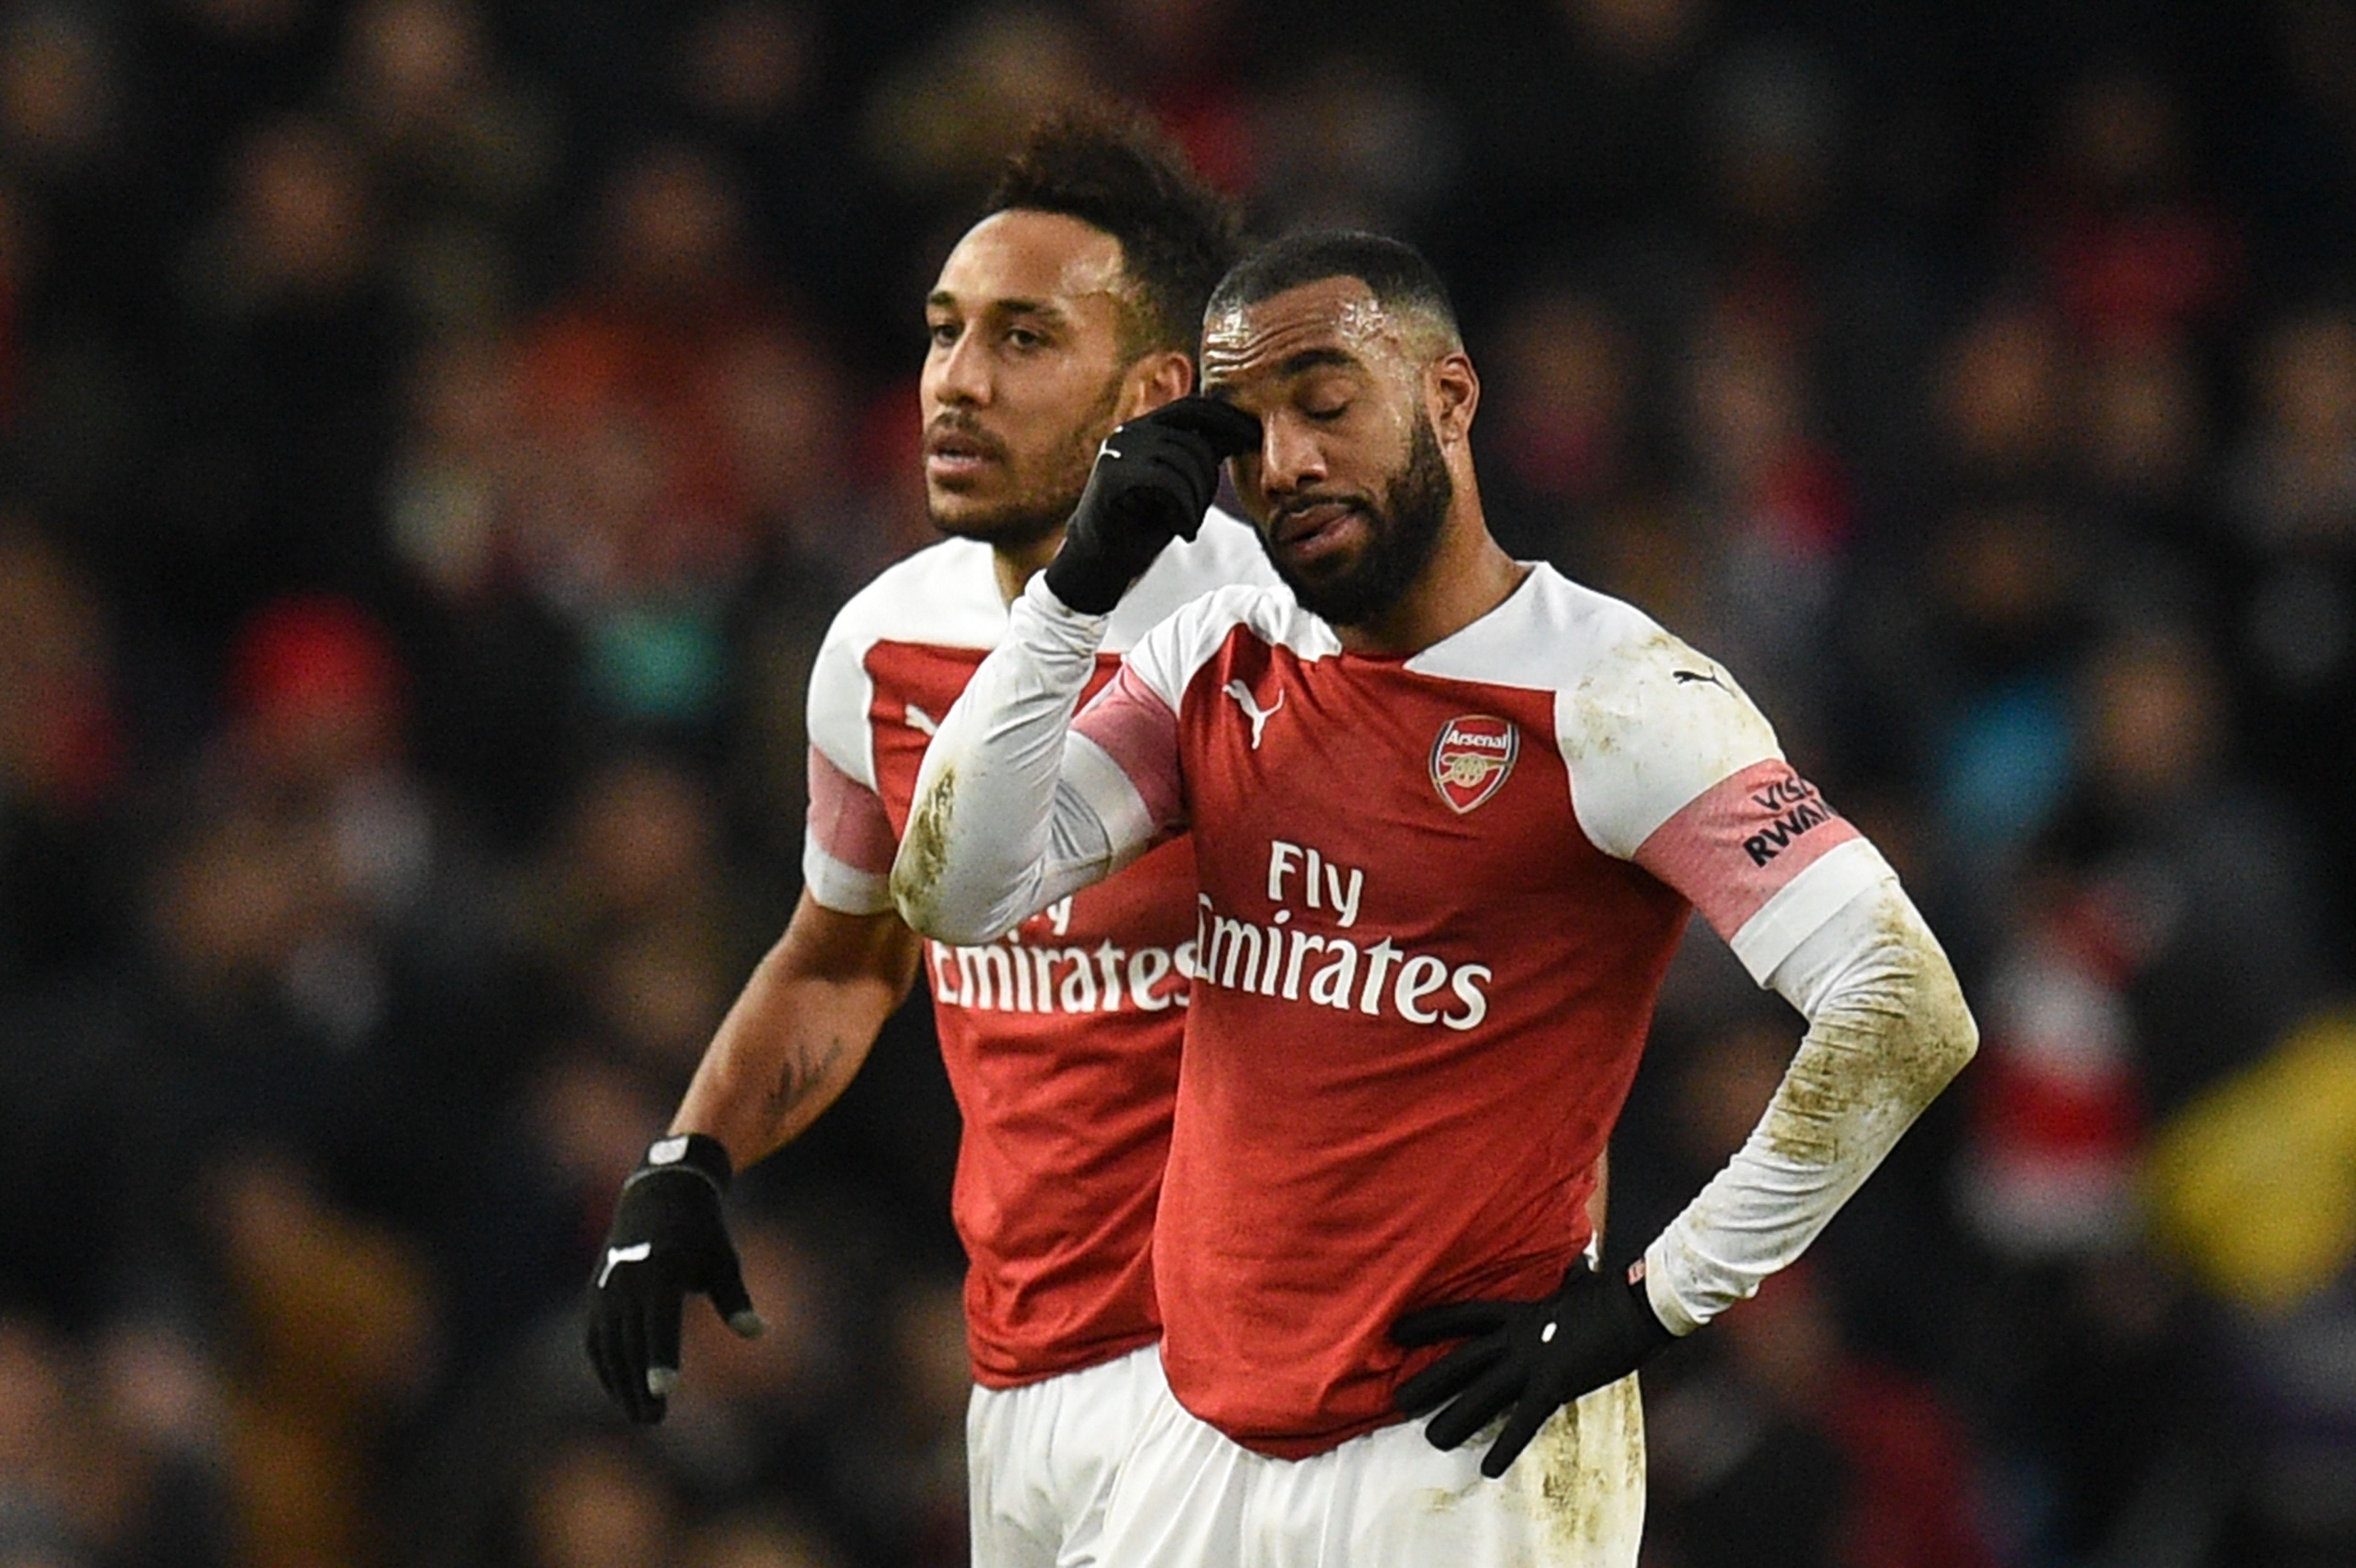 Alexandre Lacazette and Pierre Emerick Aubameyang, Manchester City v Arsenal, Premier League, 2019